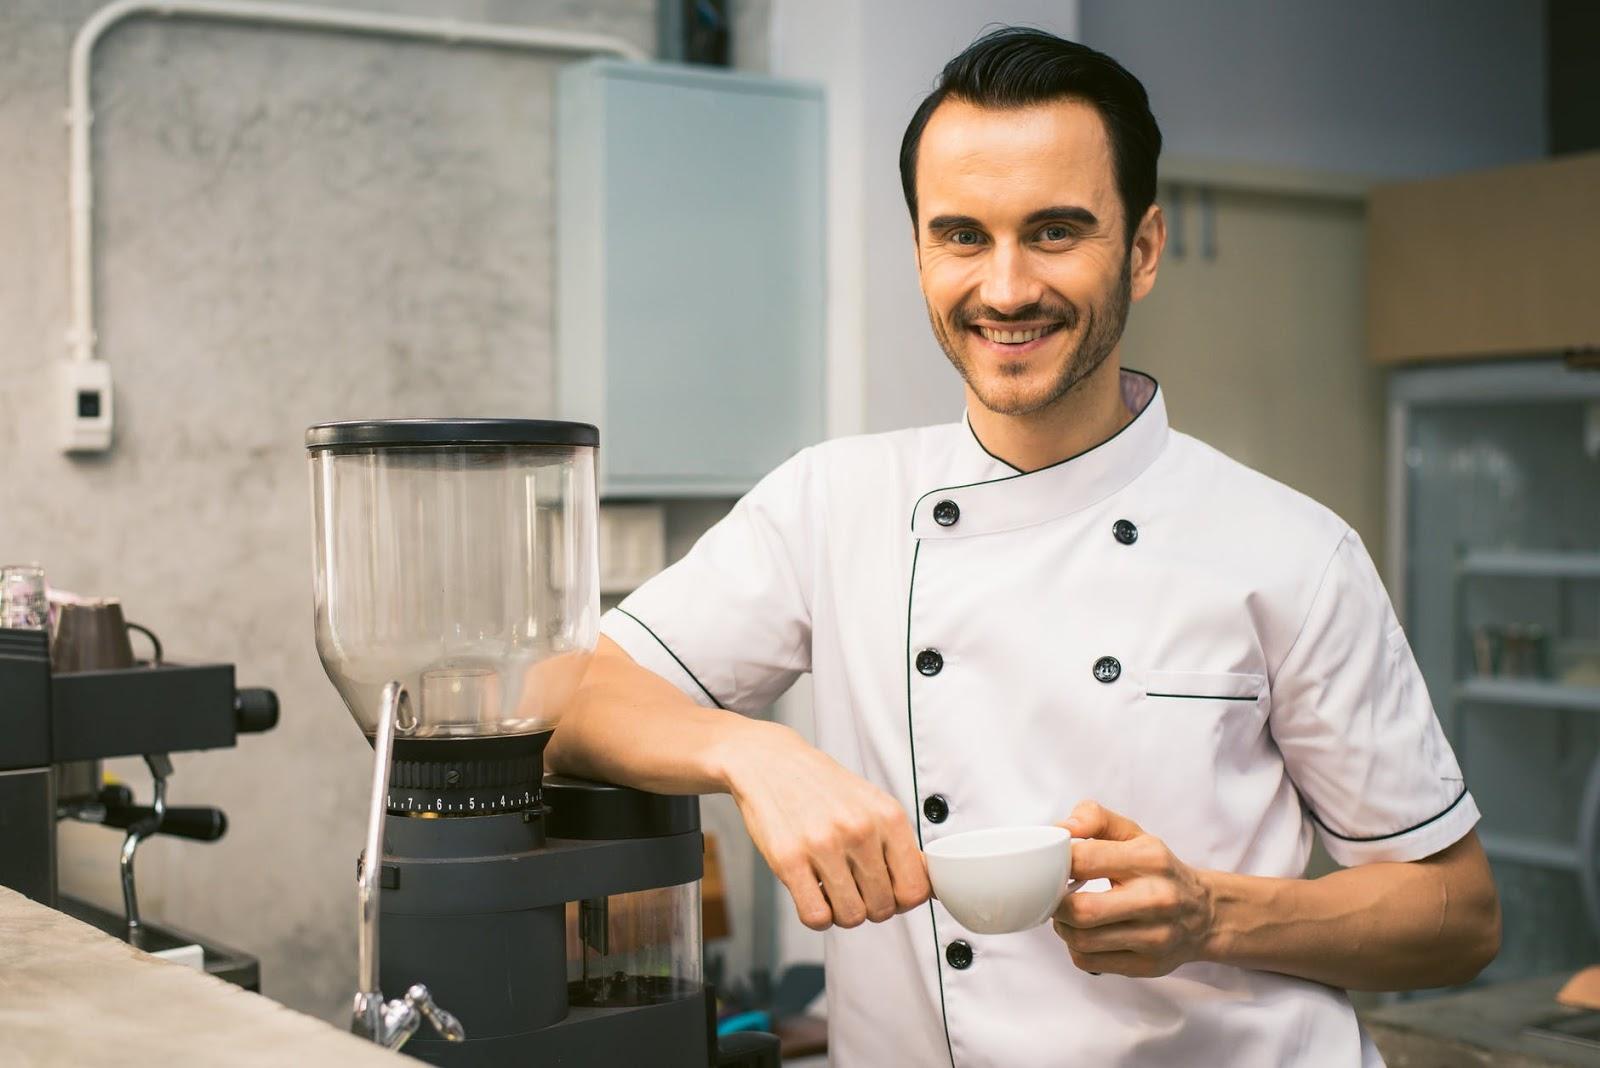 modern chefs wear